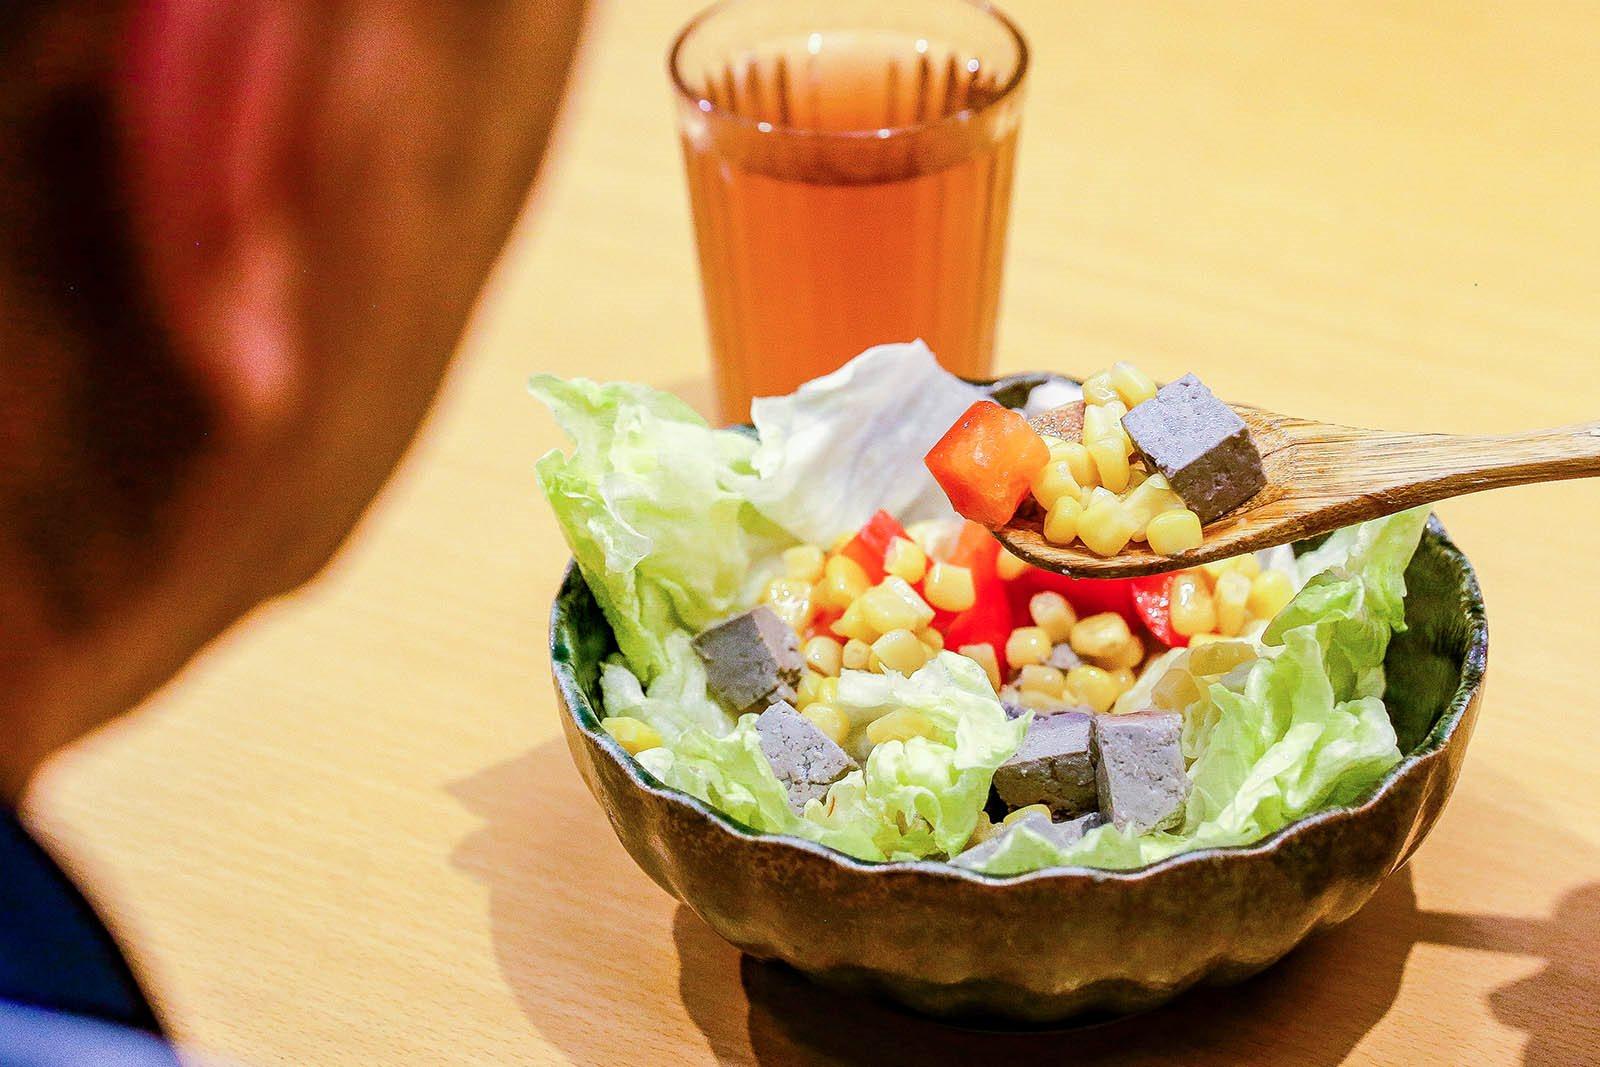 人氣推薦!夏天健康涼拌菜加入禾乃川國產豆製所鹽鹵豆腐